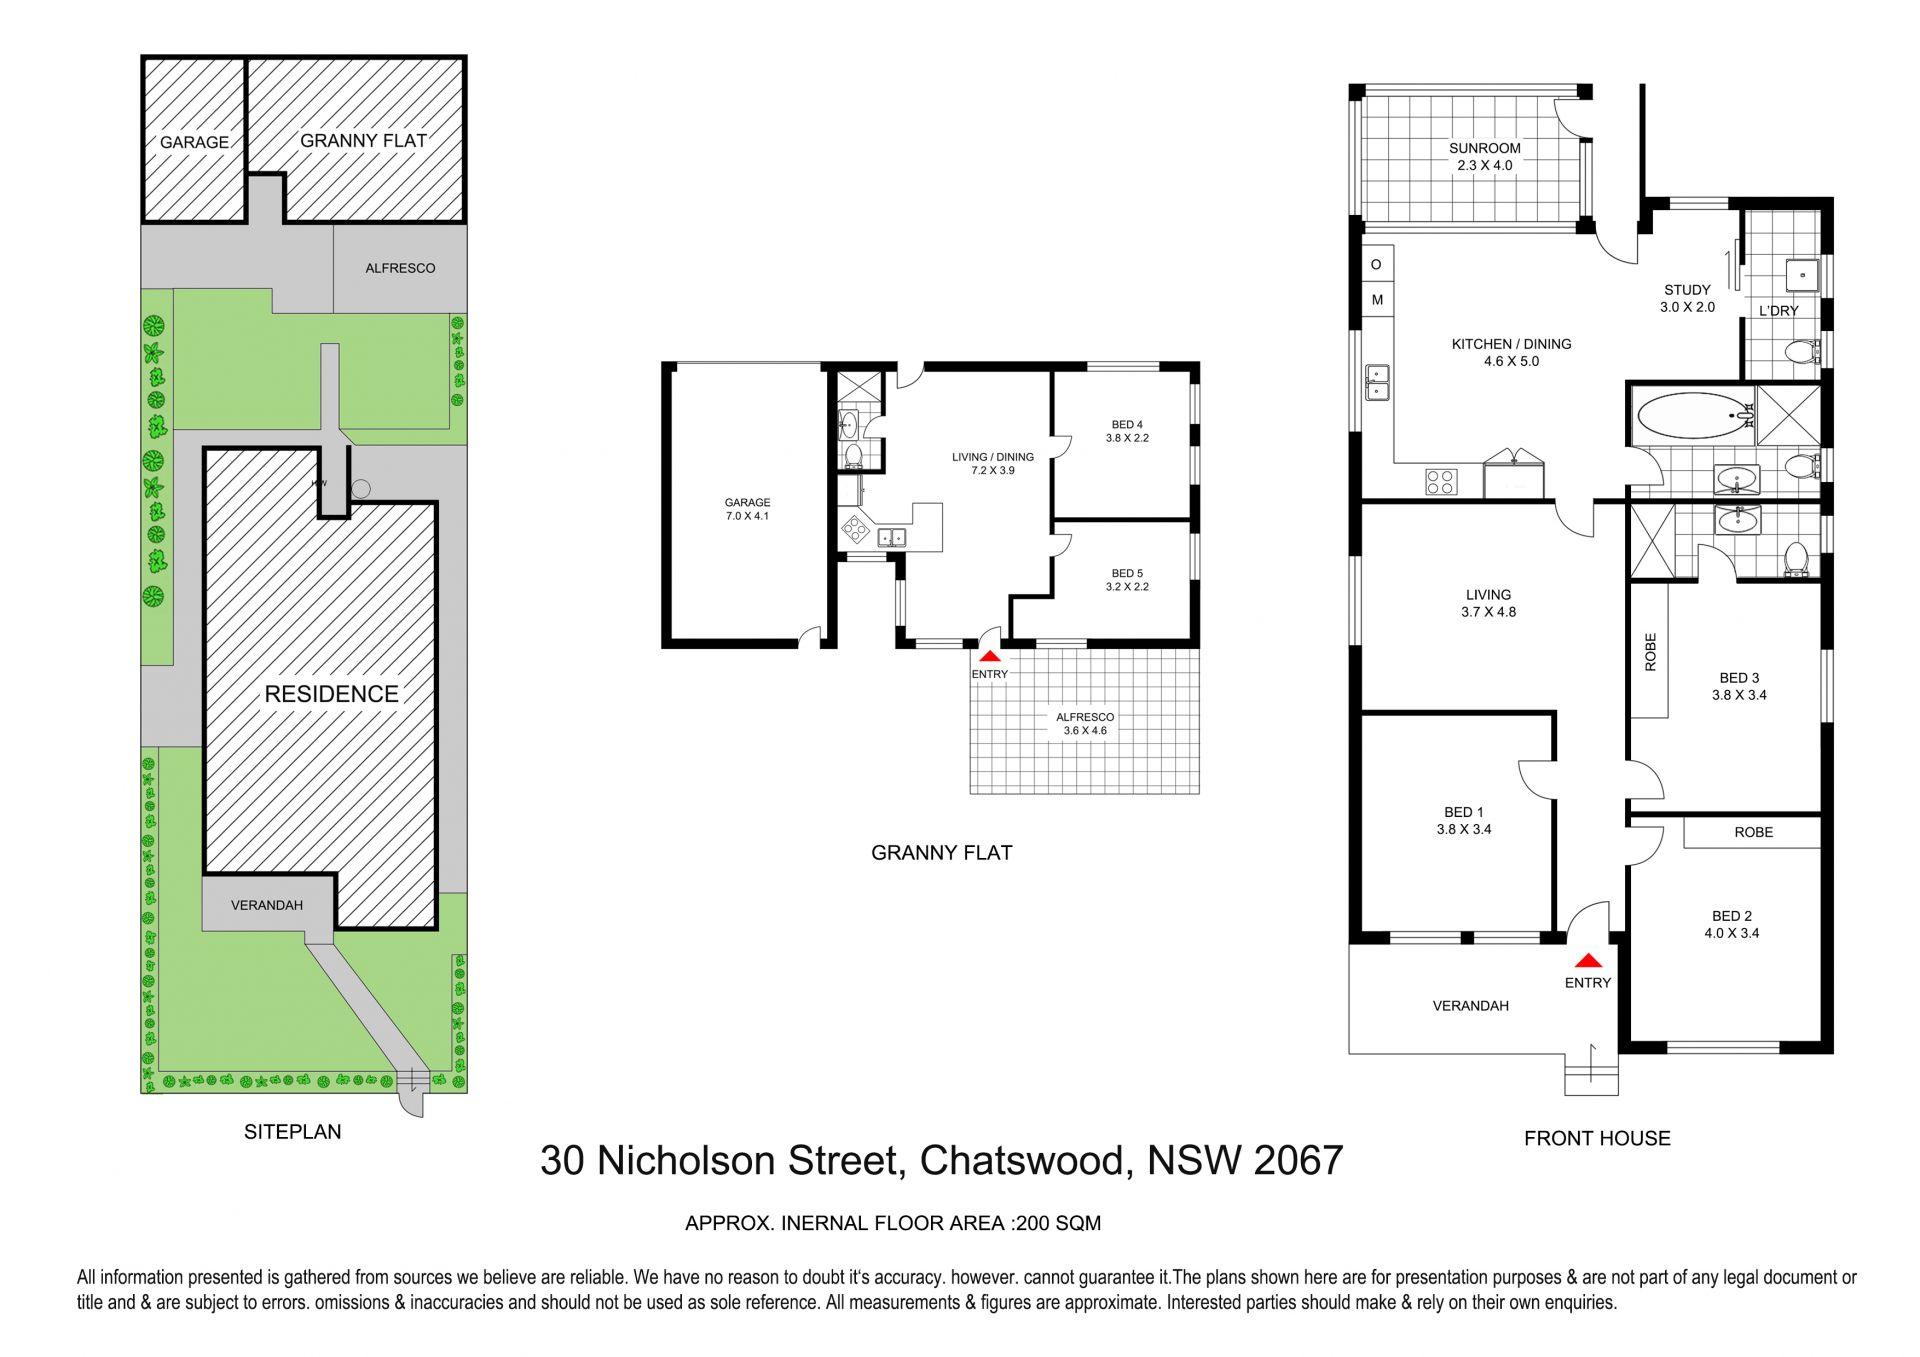 30 Nicholson Street Chatswood 2067